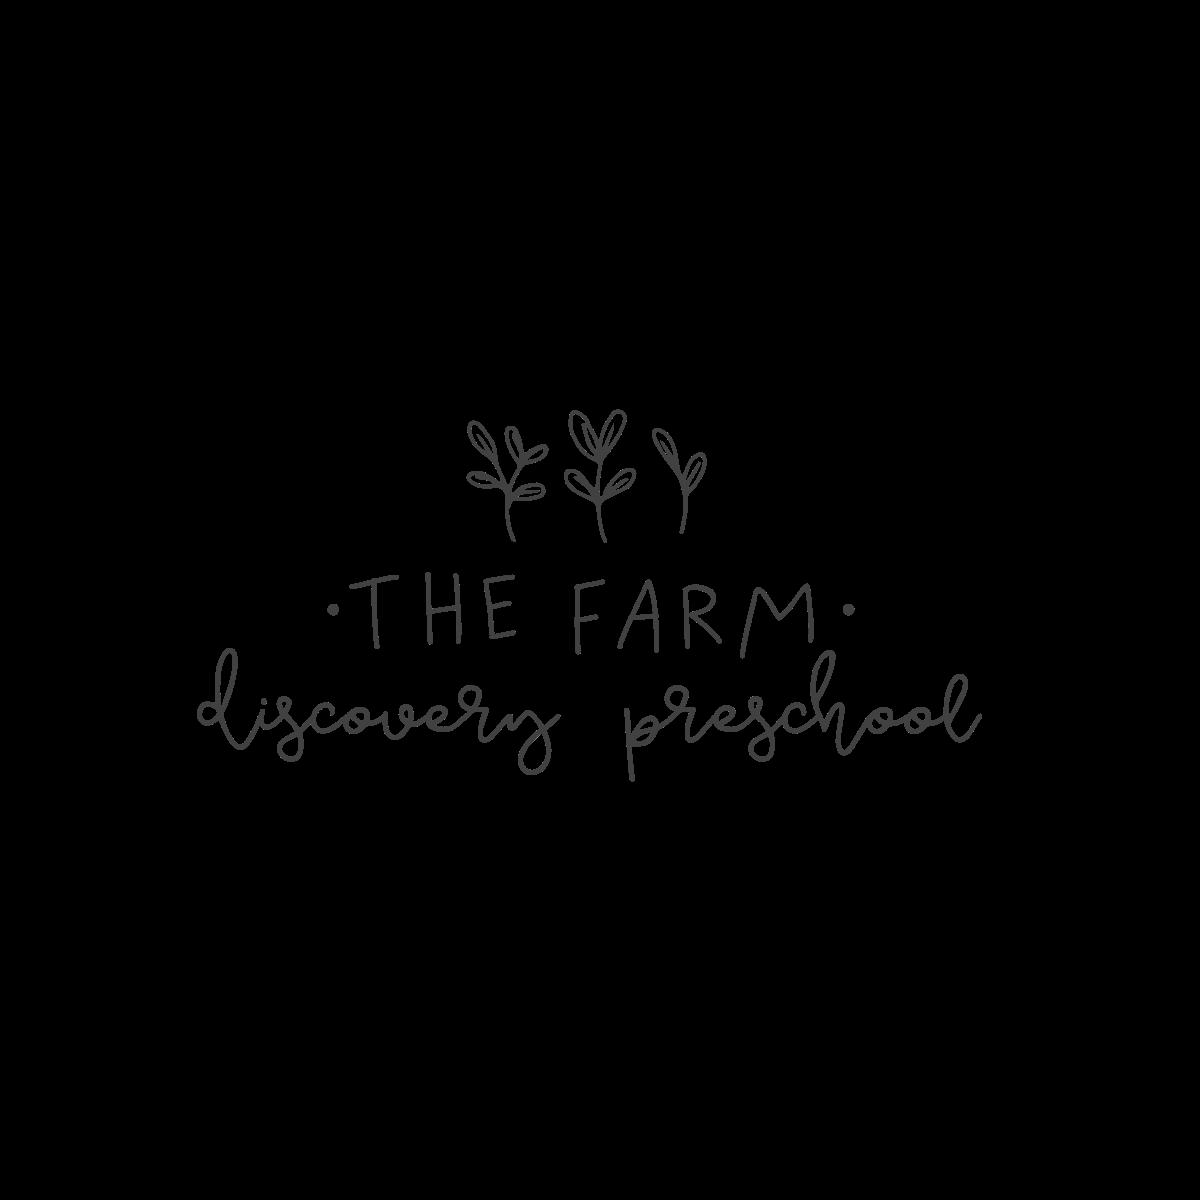 Logo Design for The Farm Discovery Preschool